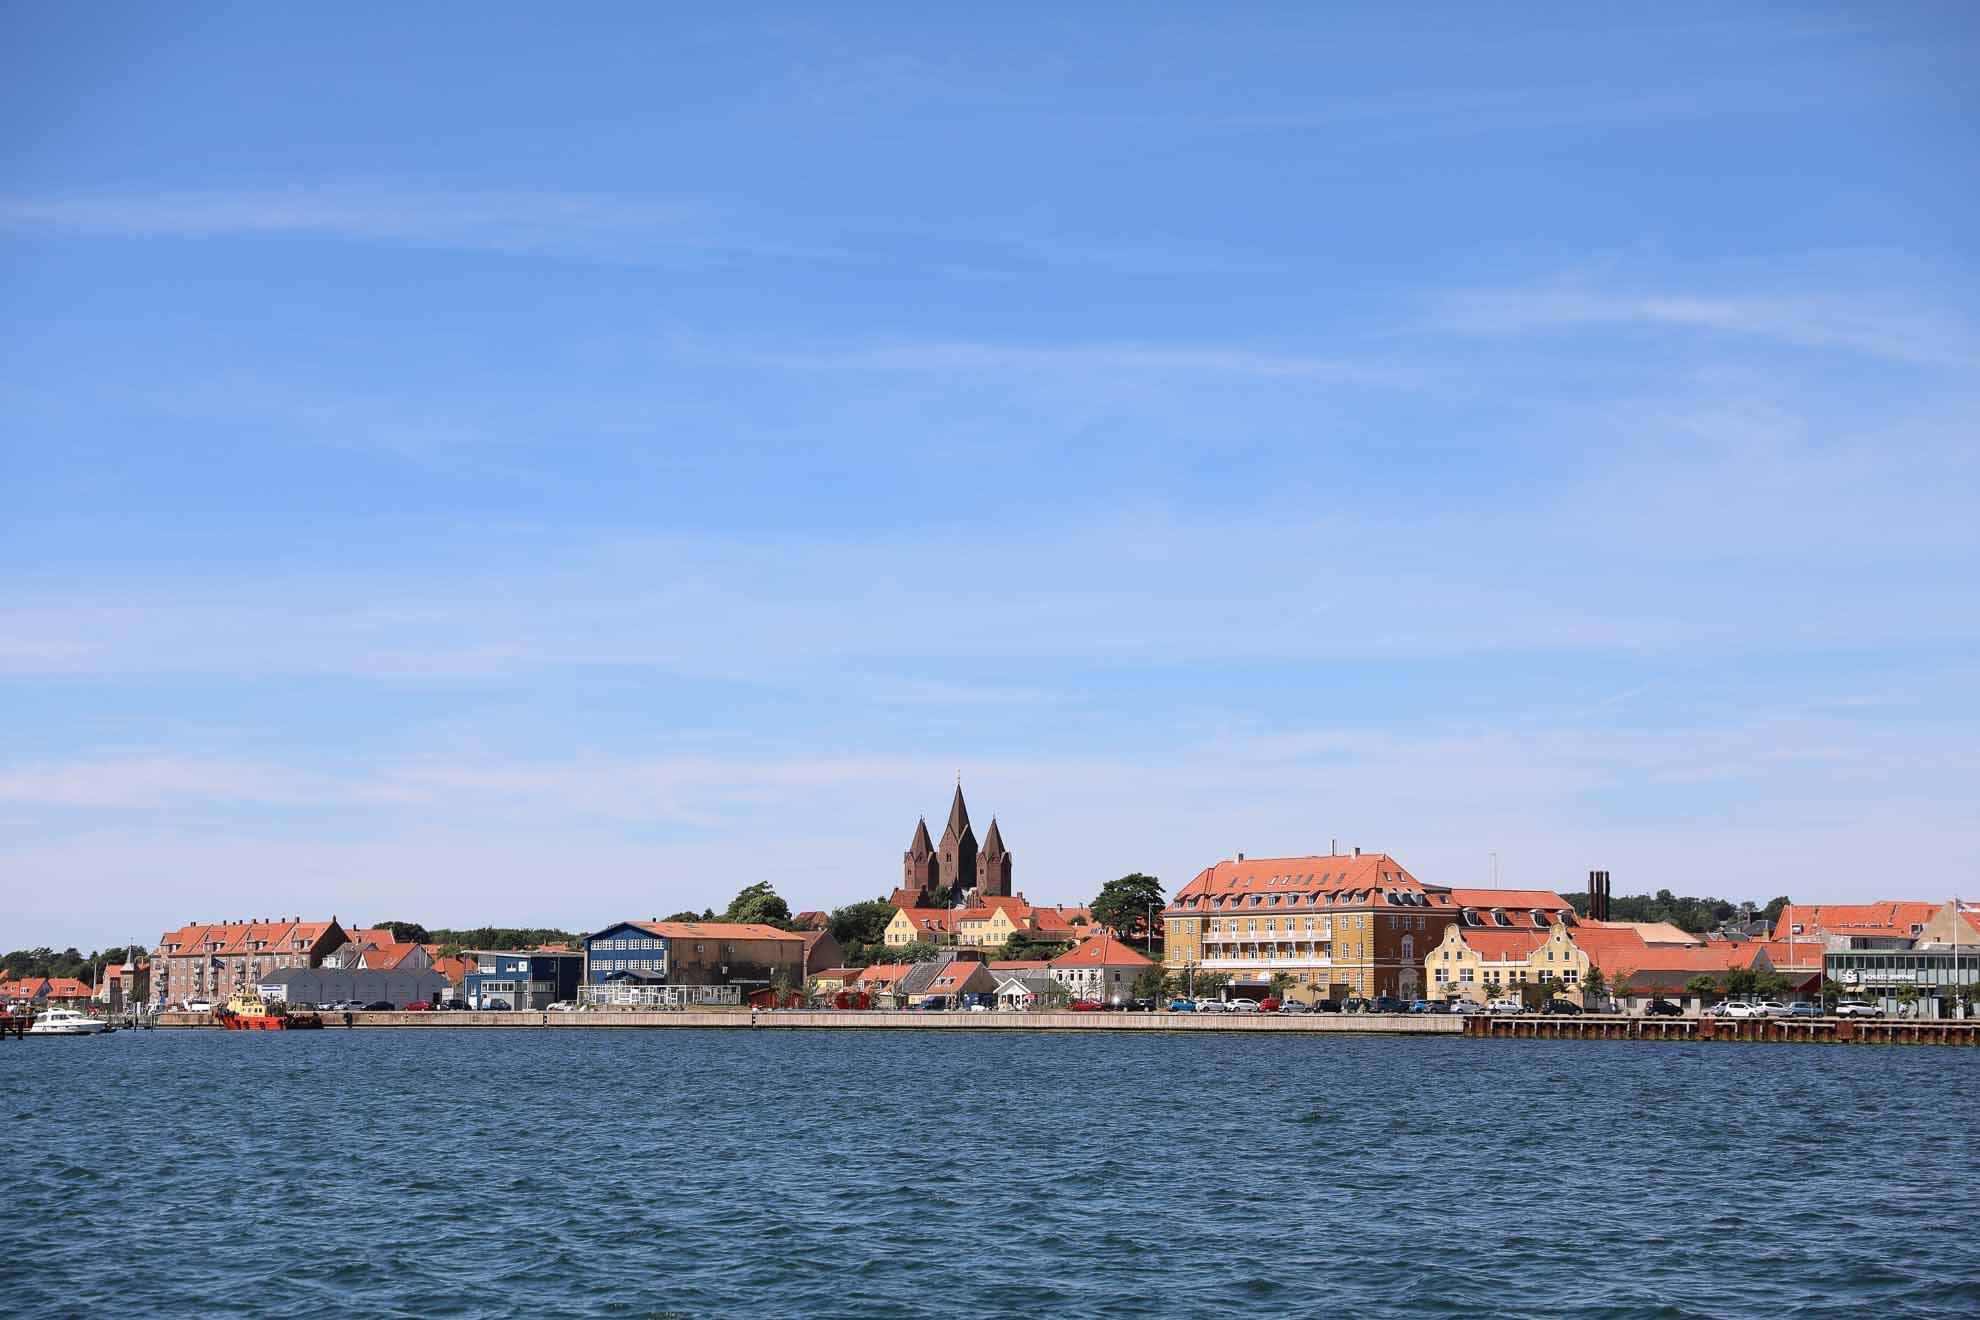 Wir verlassen unseren einmaligen Ankerplatz und steuern die Hafenstadt Kalundborg am Großen Belt an.